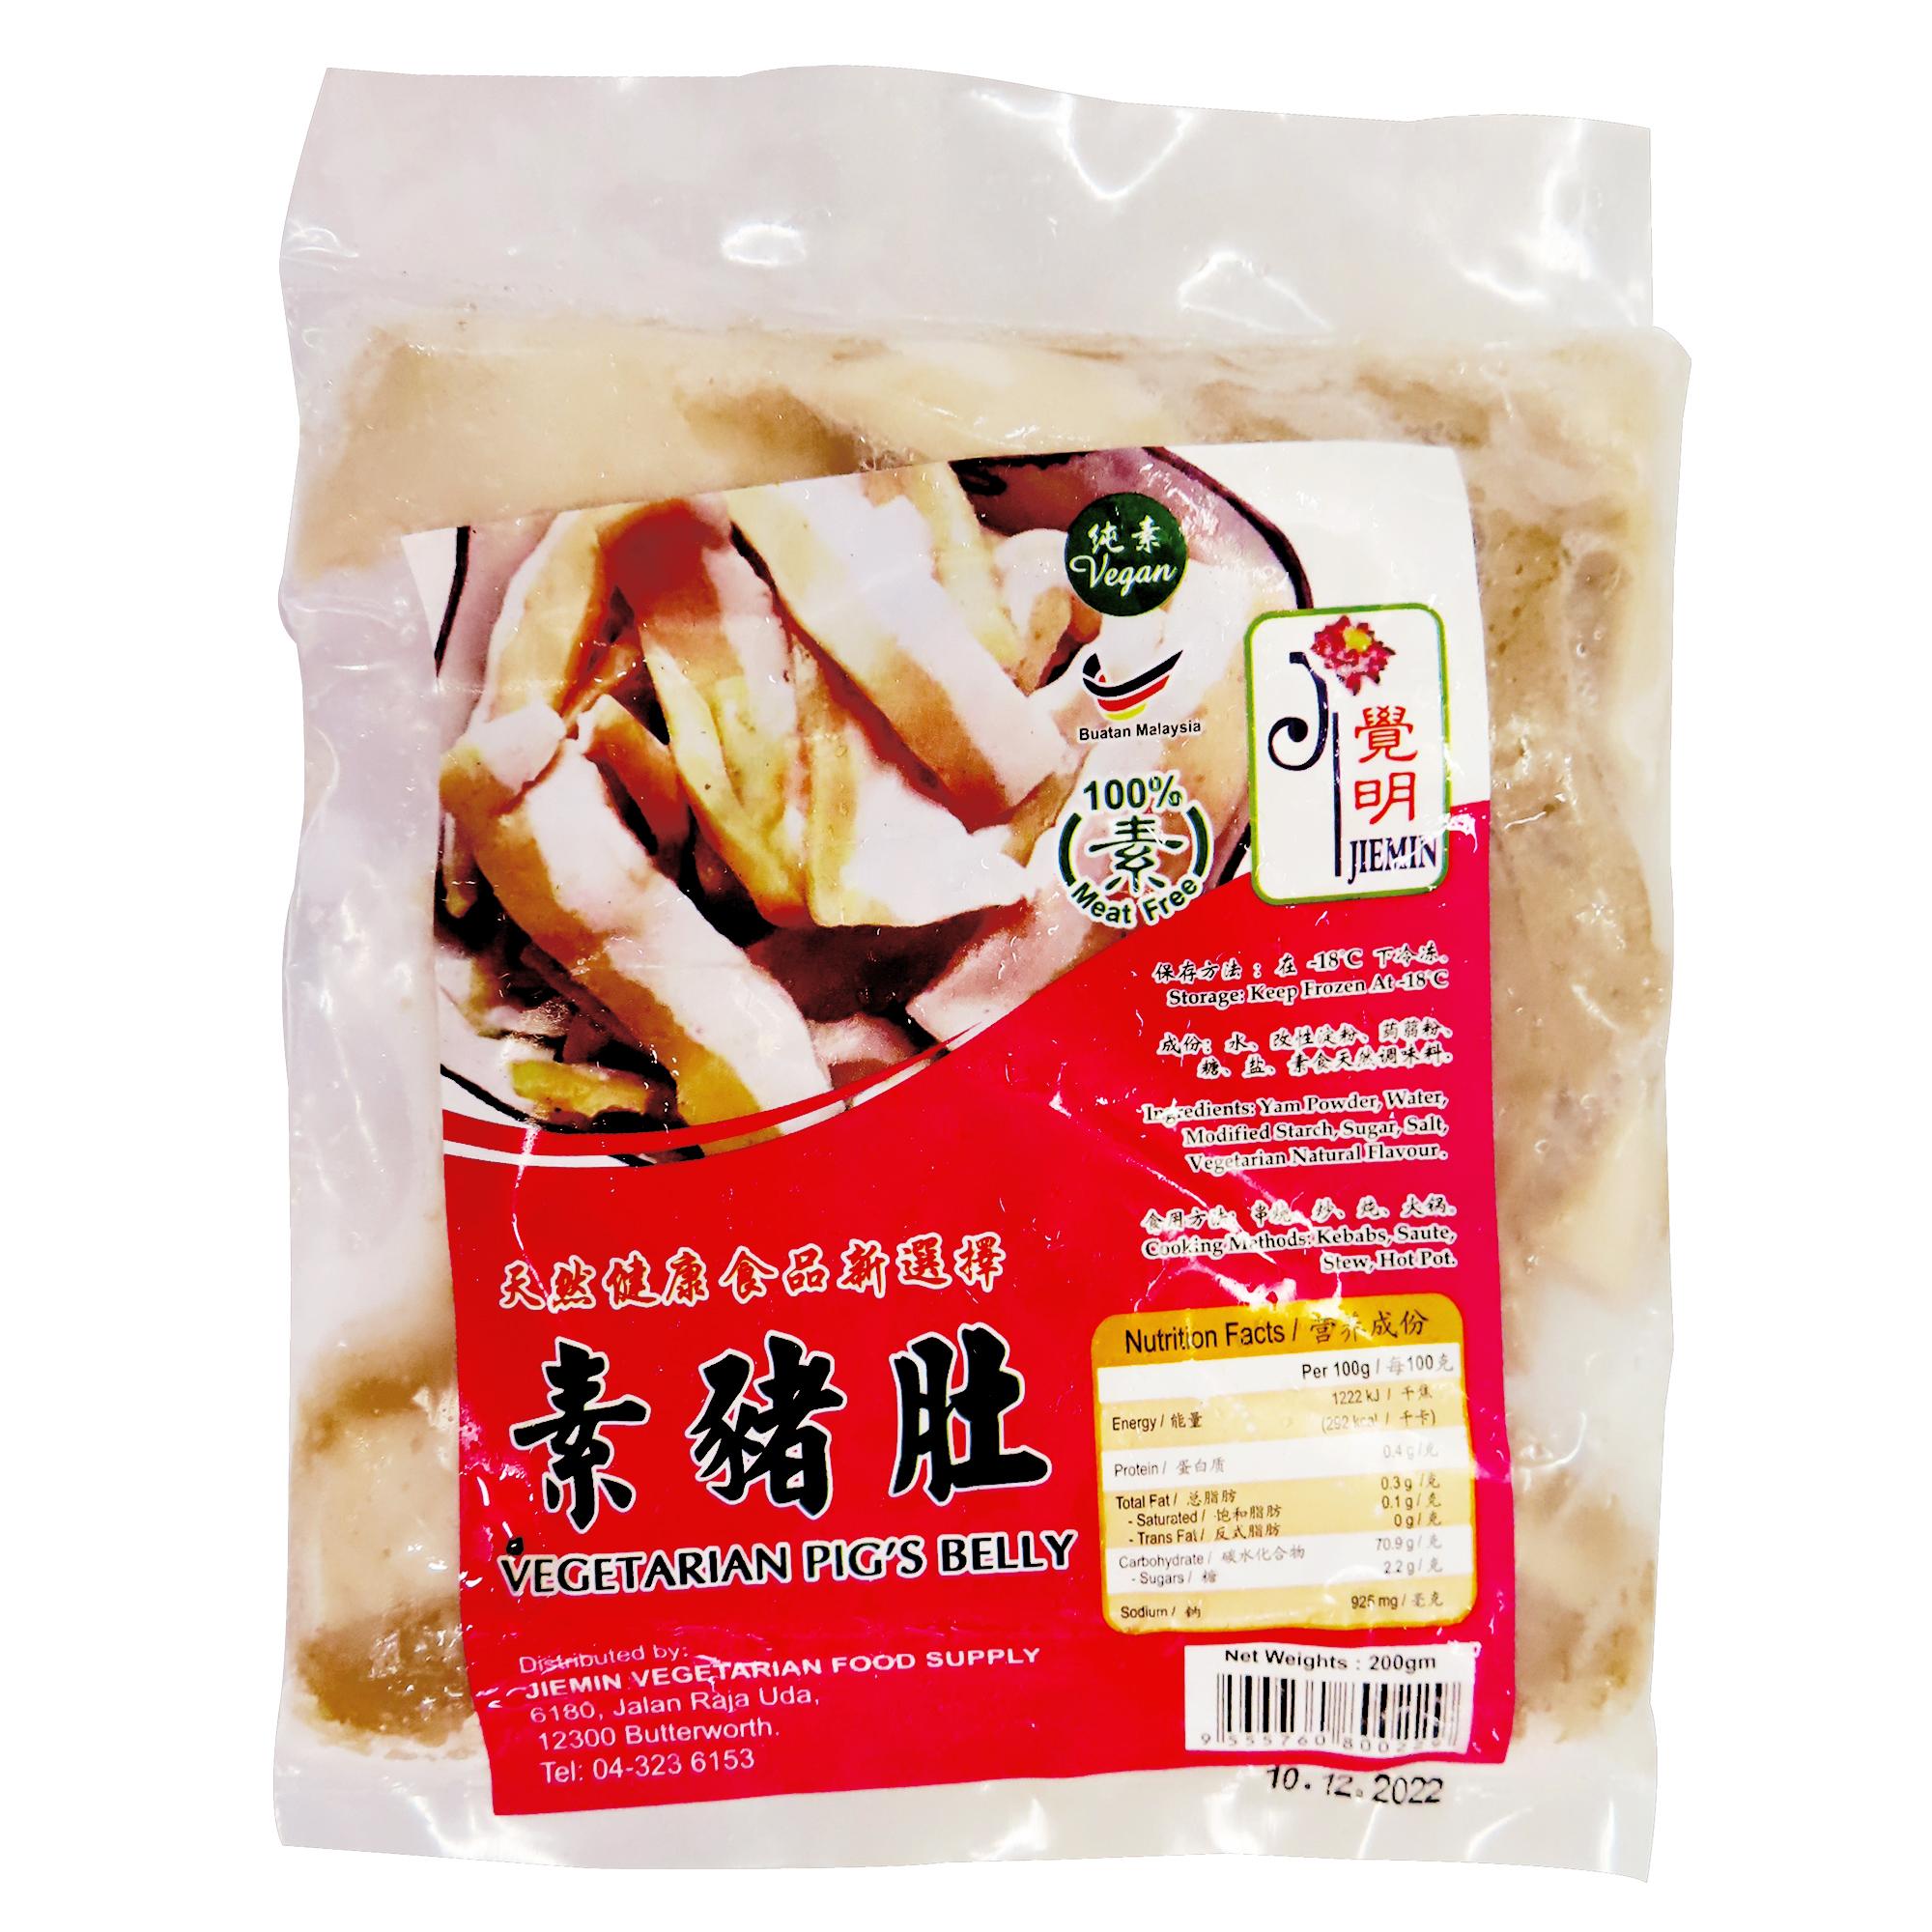 Image Veg Pig's Belly 觉明 - 切猪肚 200grams